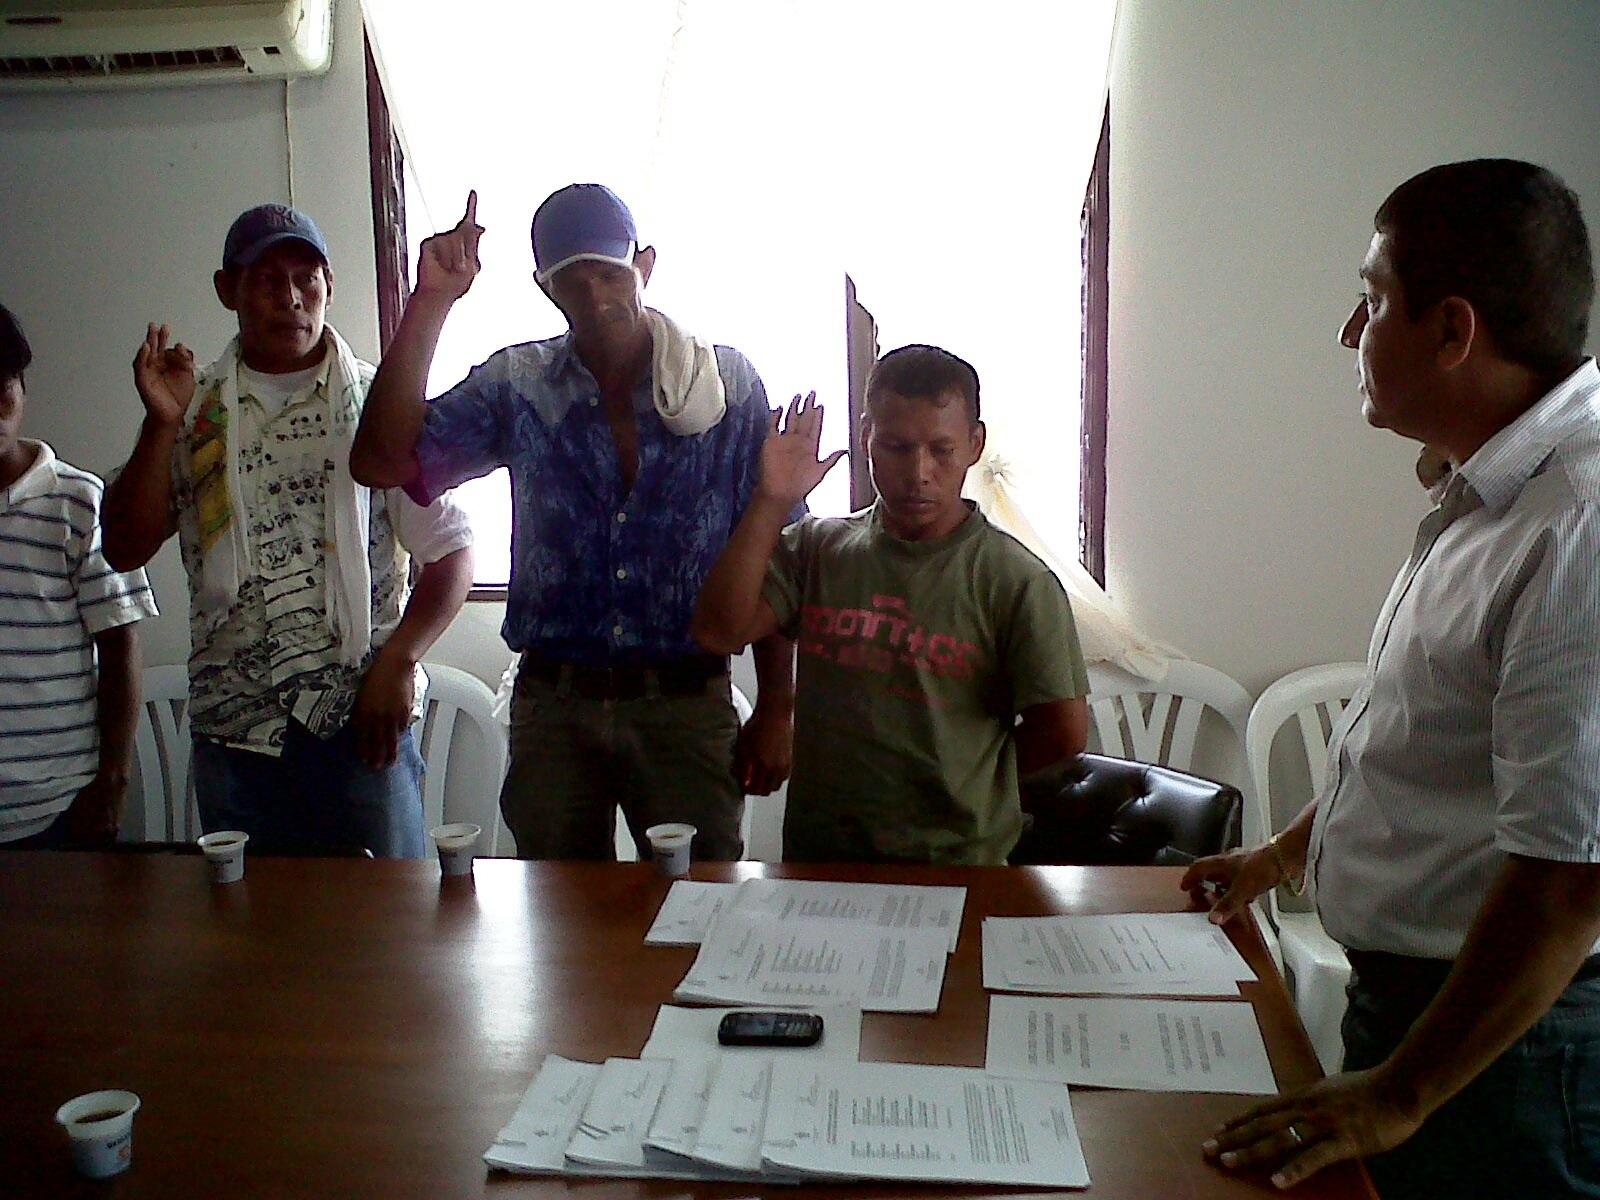 La posesión de los cabildos indígenas tanto de las comunidades de la carretera vía los lagos y Leticia – Tarapacá, como las de la rivera del rio